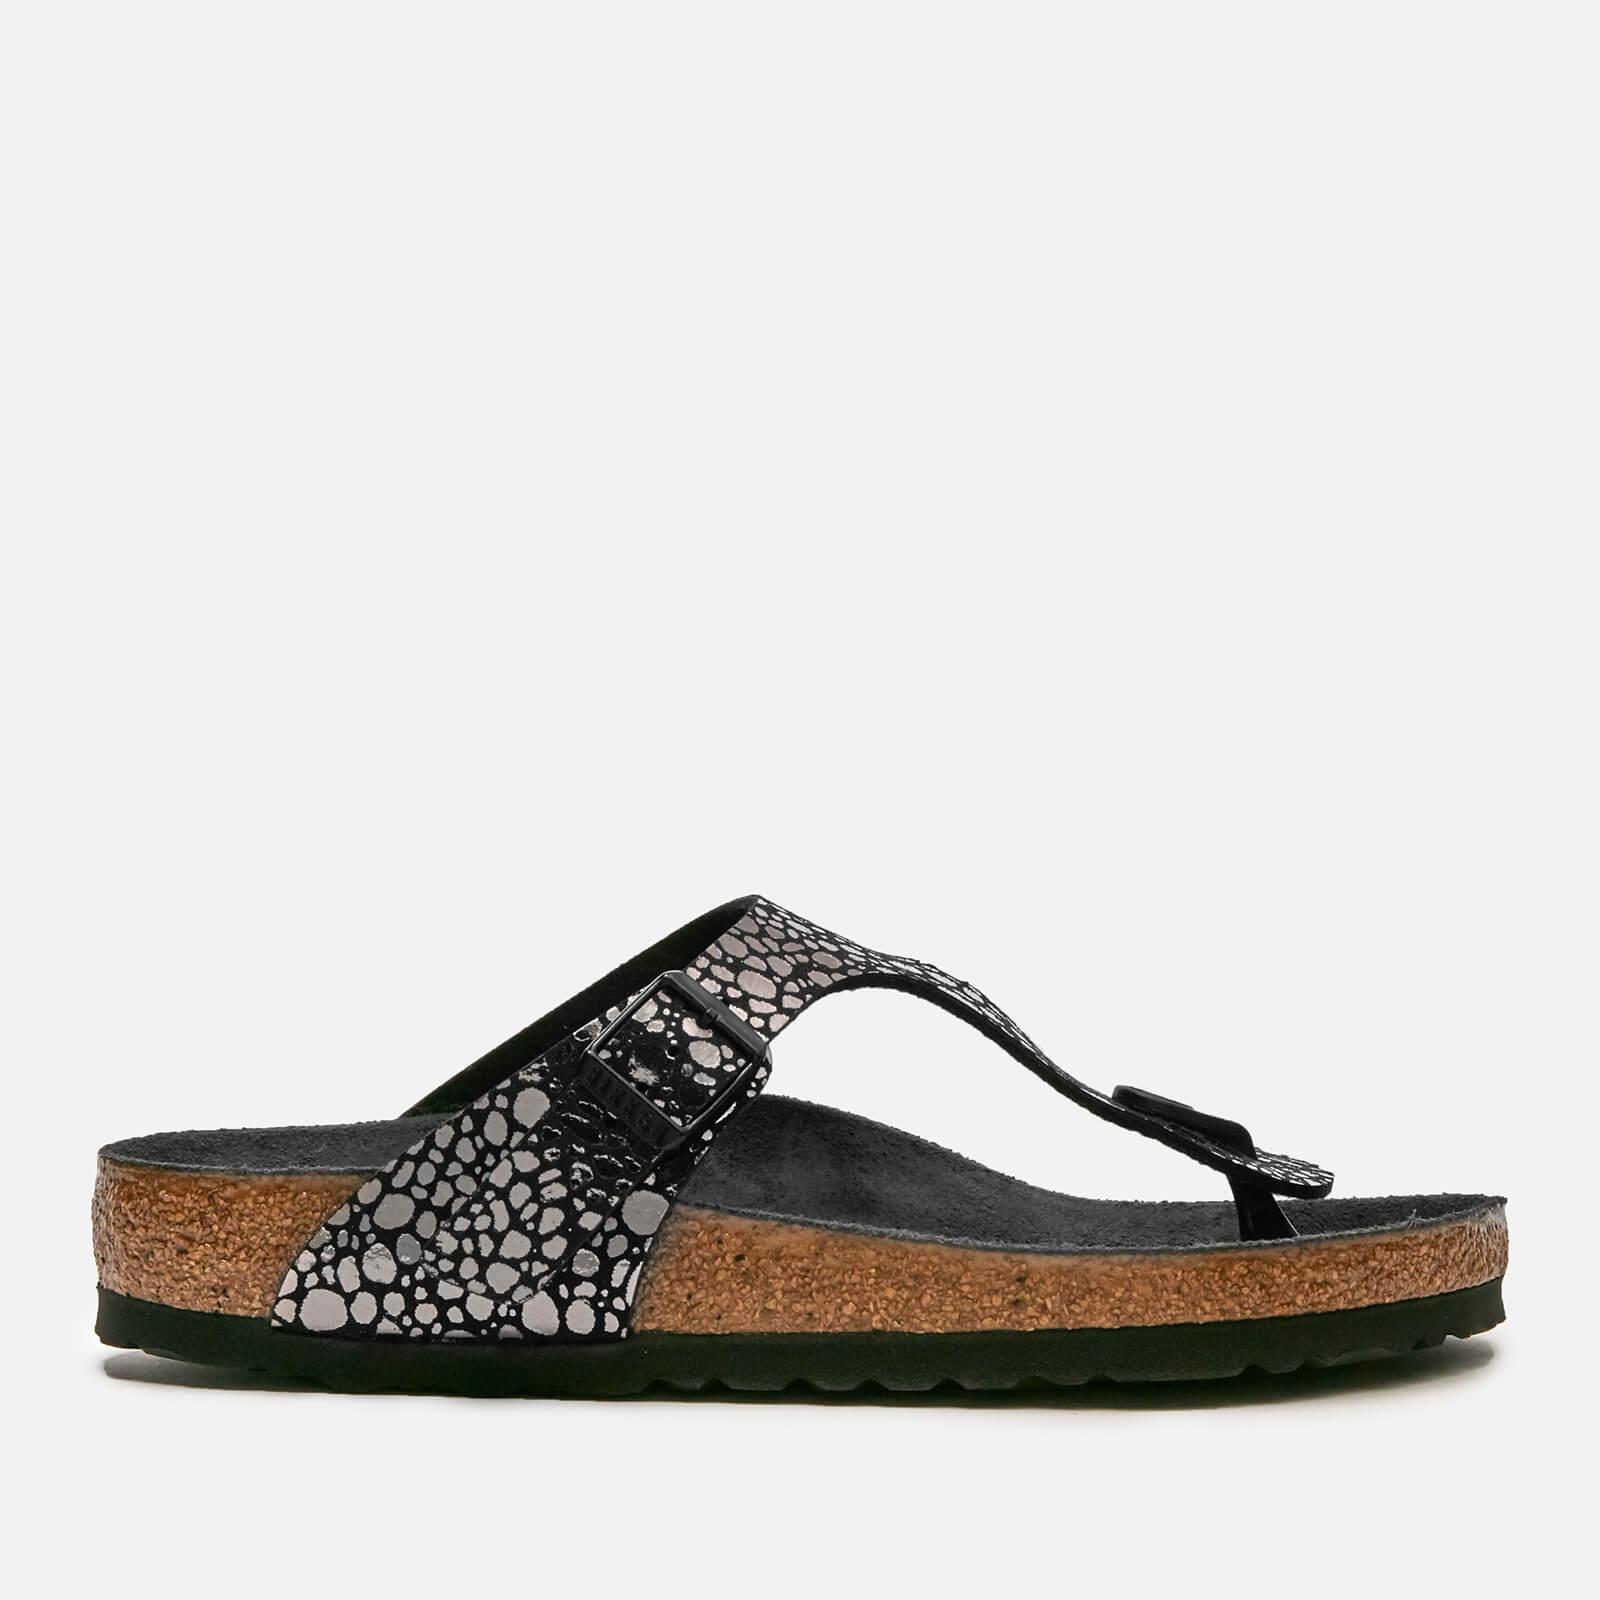 Birkenstock Women's Gizeh Toe-Post Leather Sandals - Metallic Stones Black - UK 5.5 - Black